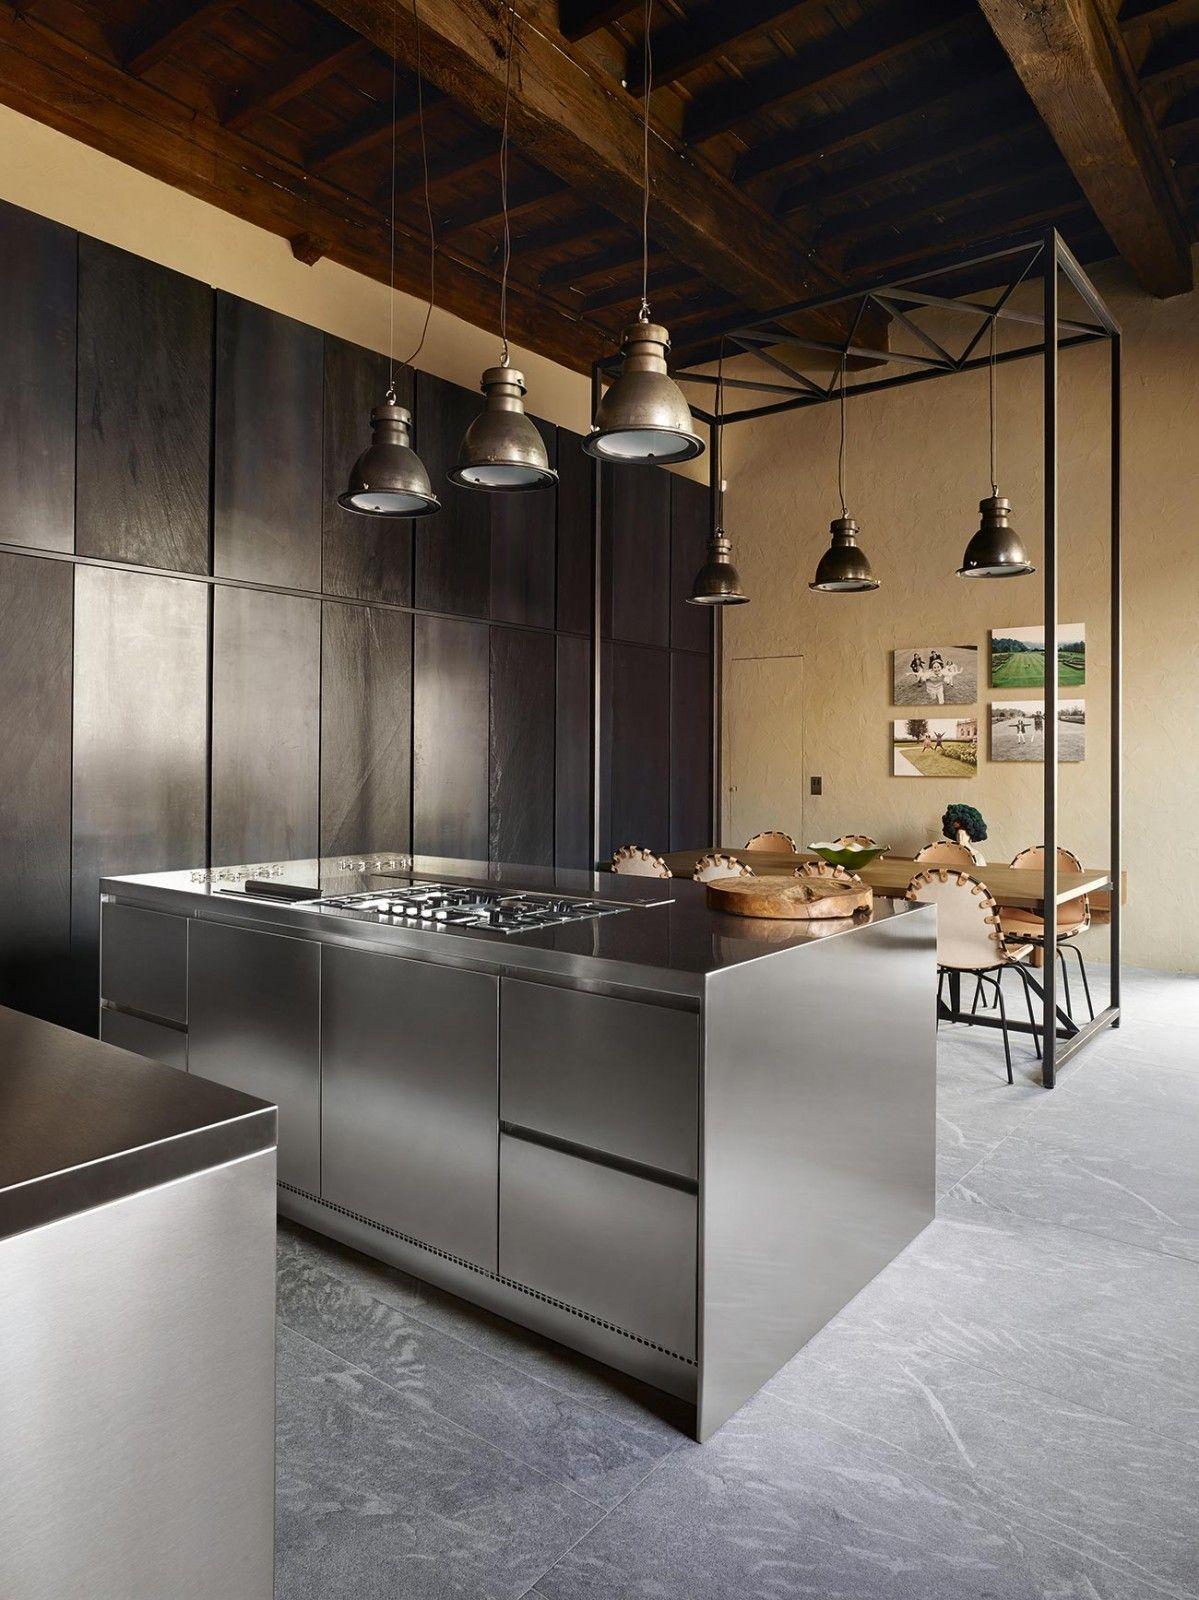 Mobili Da Cucina Acciaio.Realizzazioni Con Le Cucine Di Design In Acciaio Inox